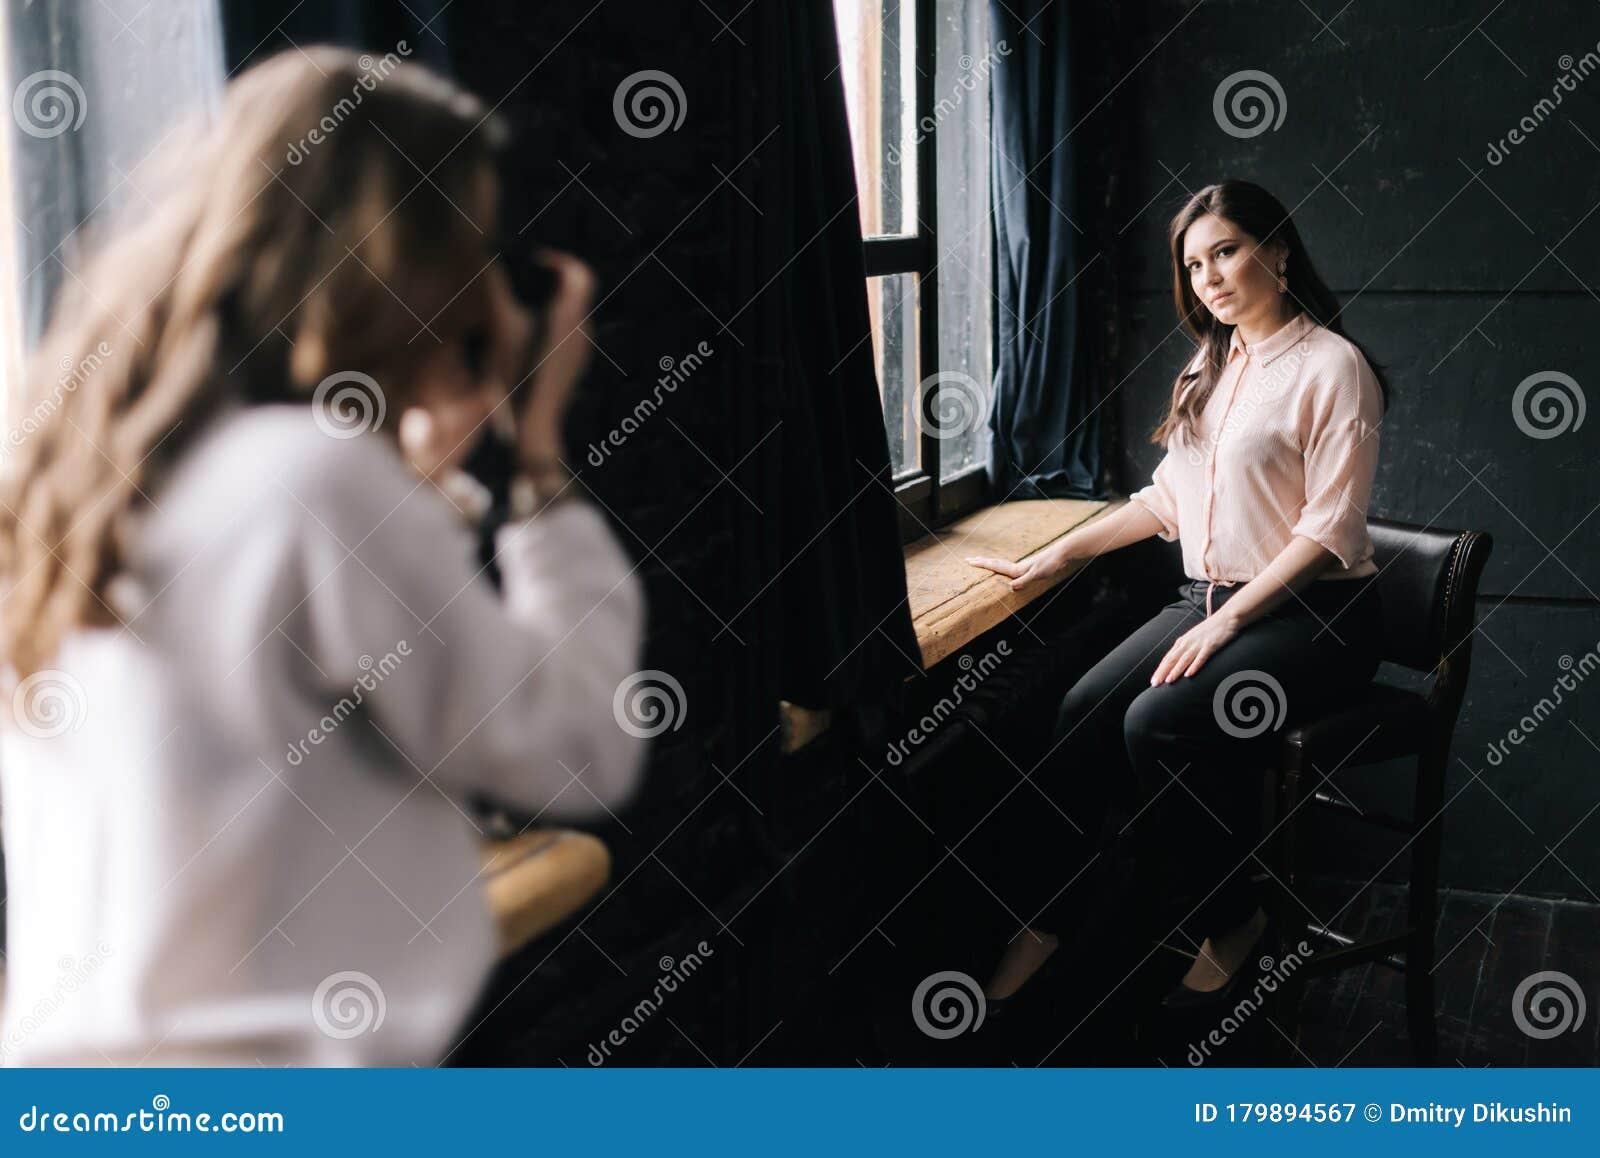 Девушка модель с камерой работа работа для девушки во франции